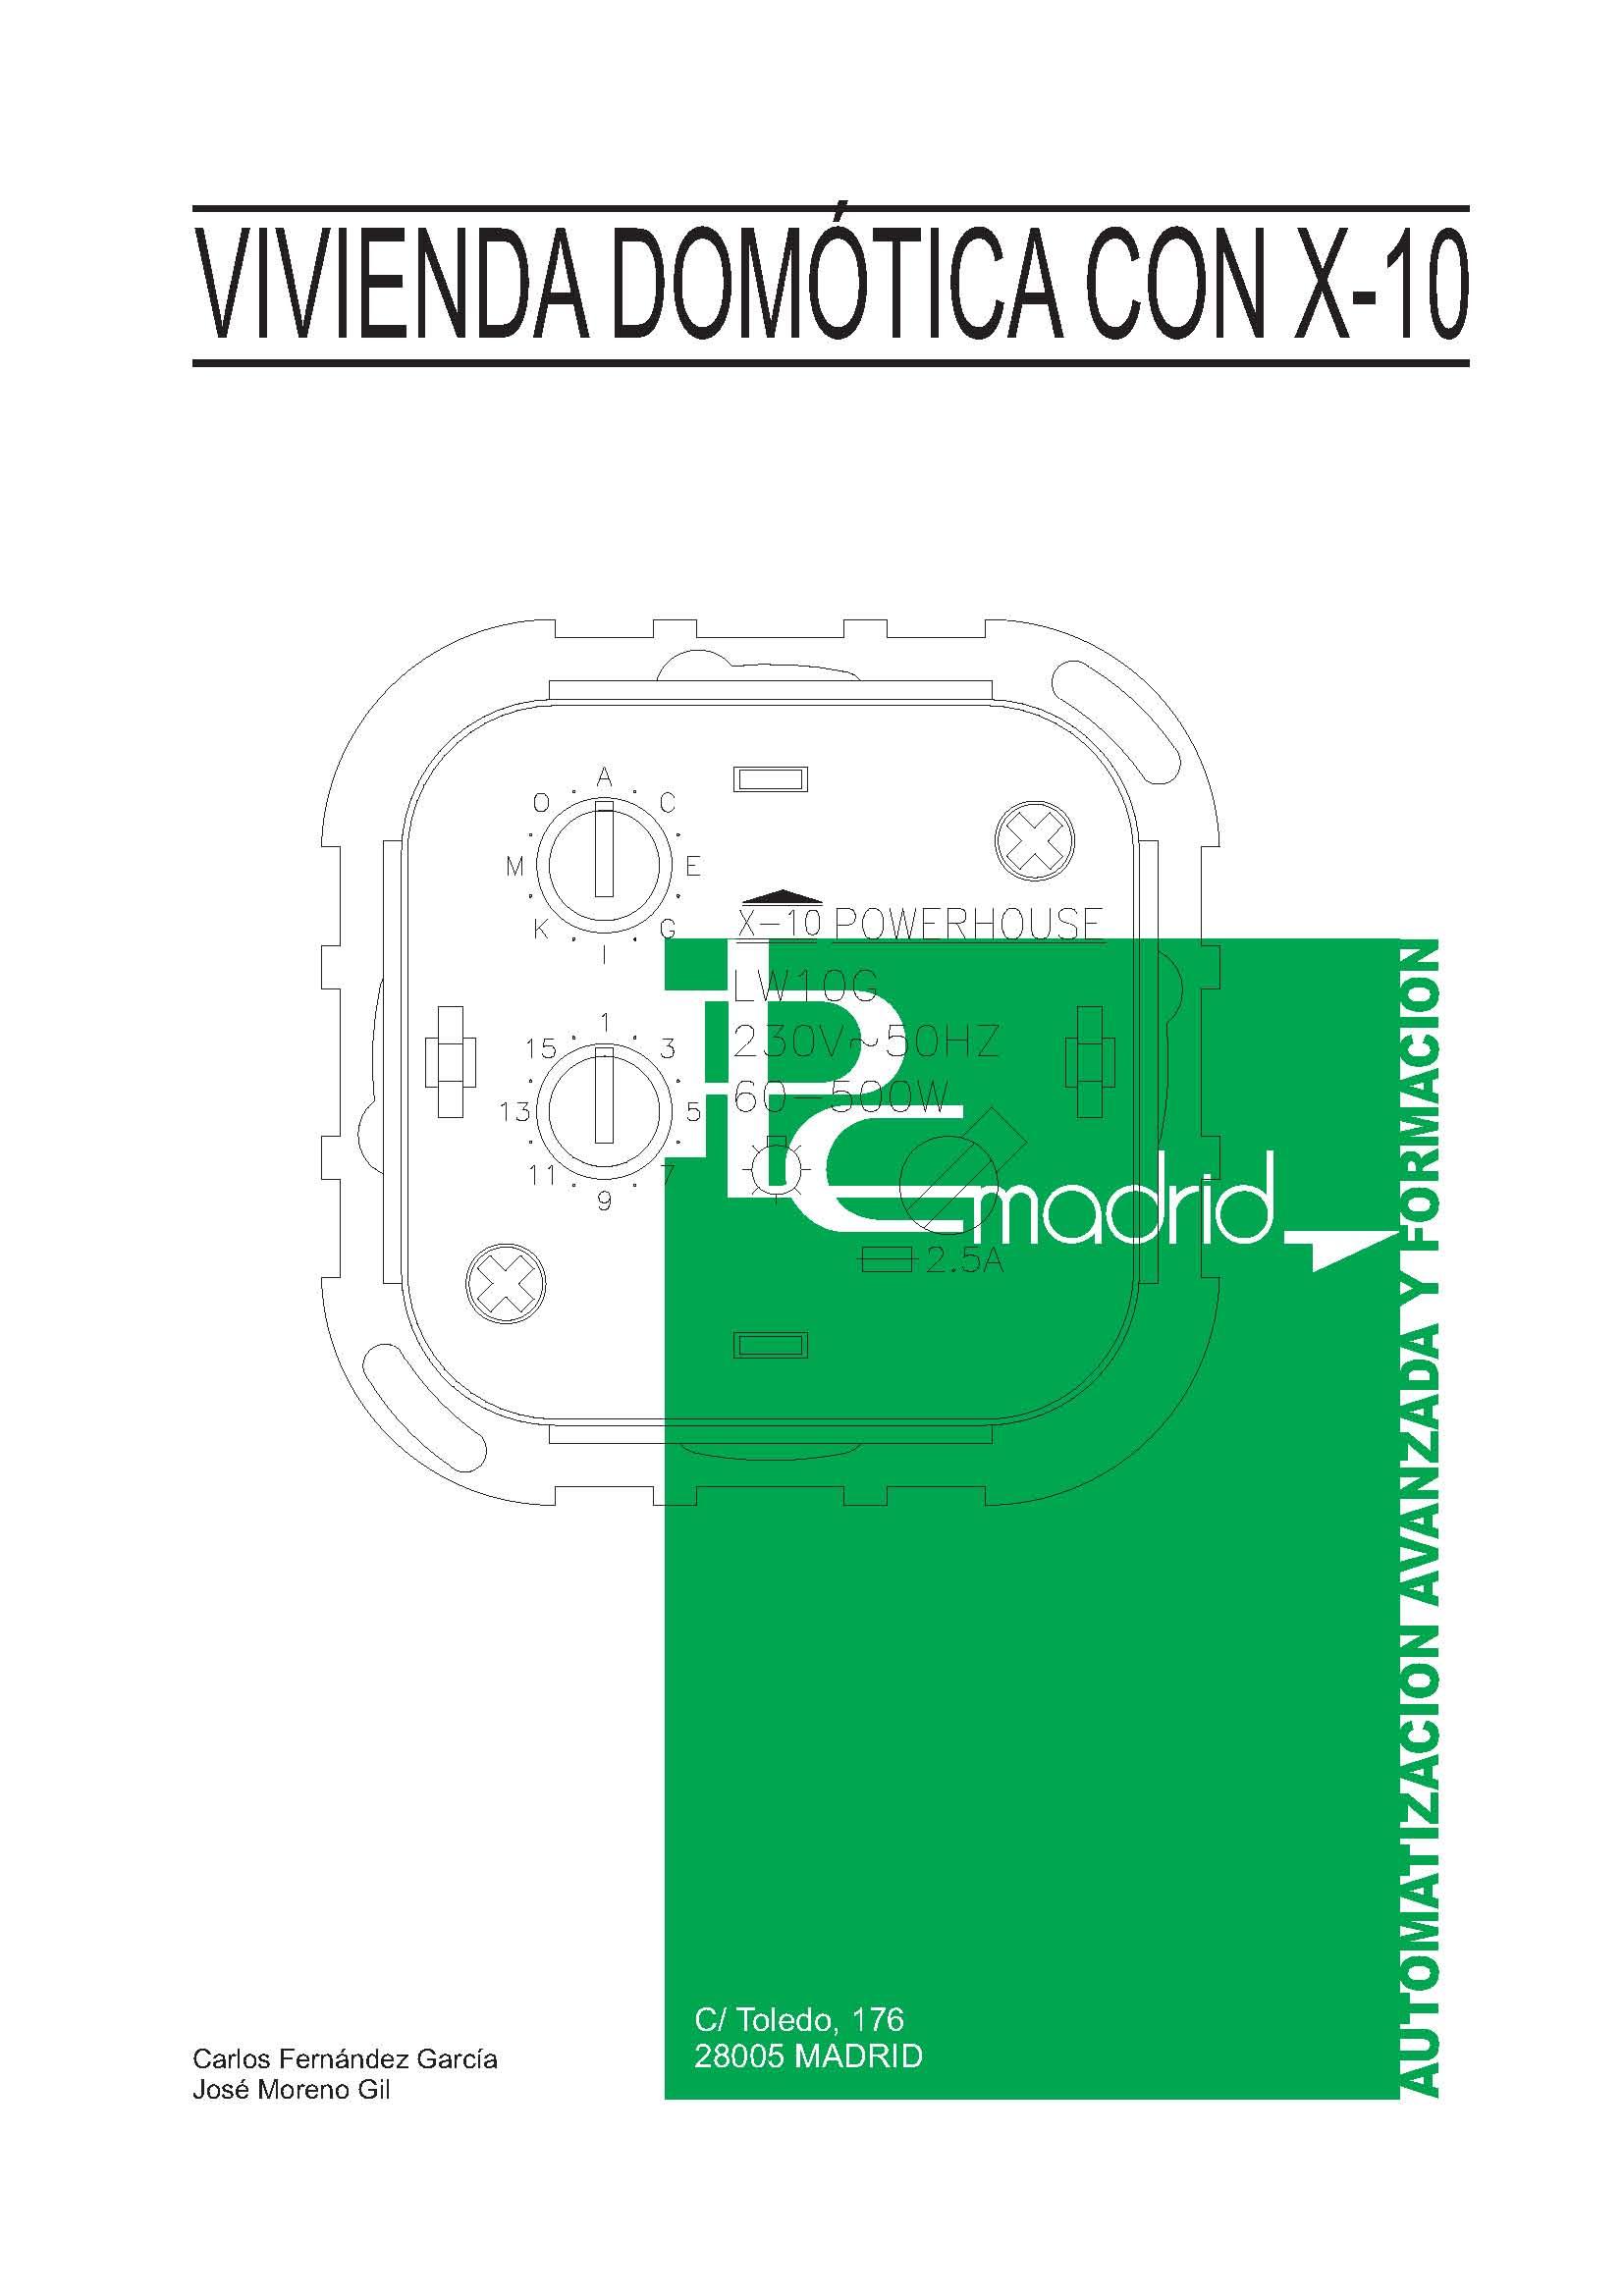 Proyecto de Vivienda domótica con de Corrientes Portadoras X-10